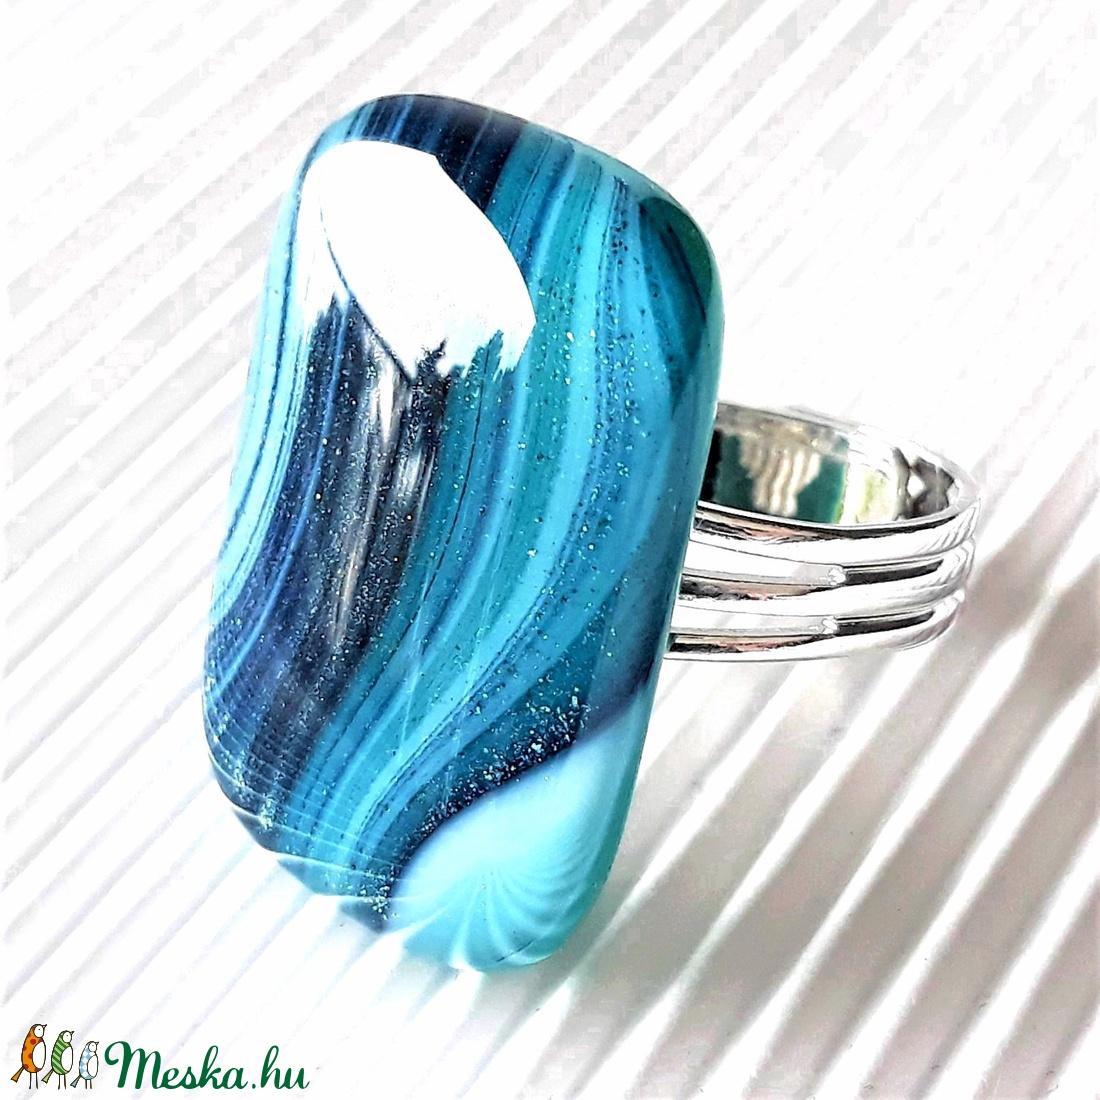 Smaragd - kék selyemcsillám elegáns üveg gyűrű, minimal üvegékszer - ékszer - gyűrű - statement gyűrű - Meska.hu